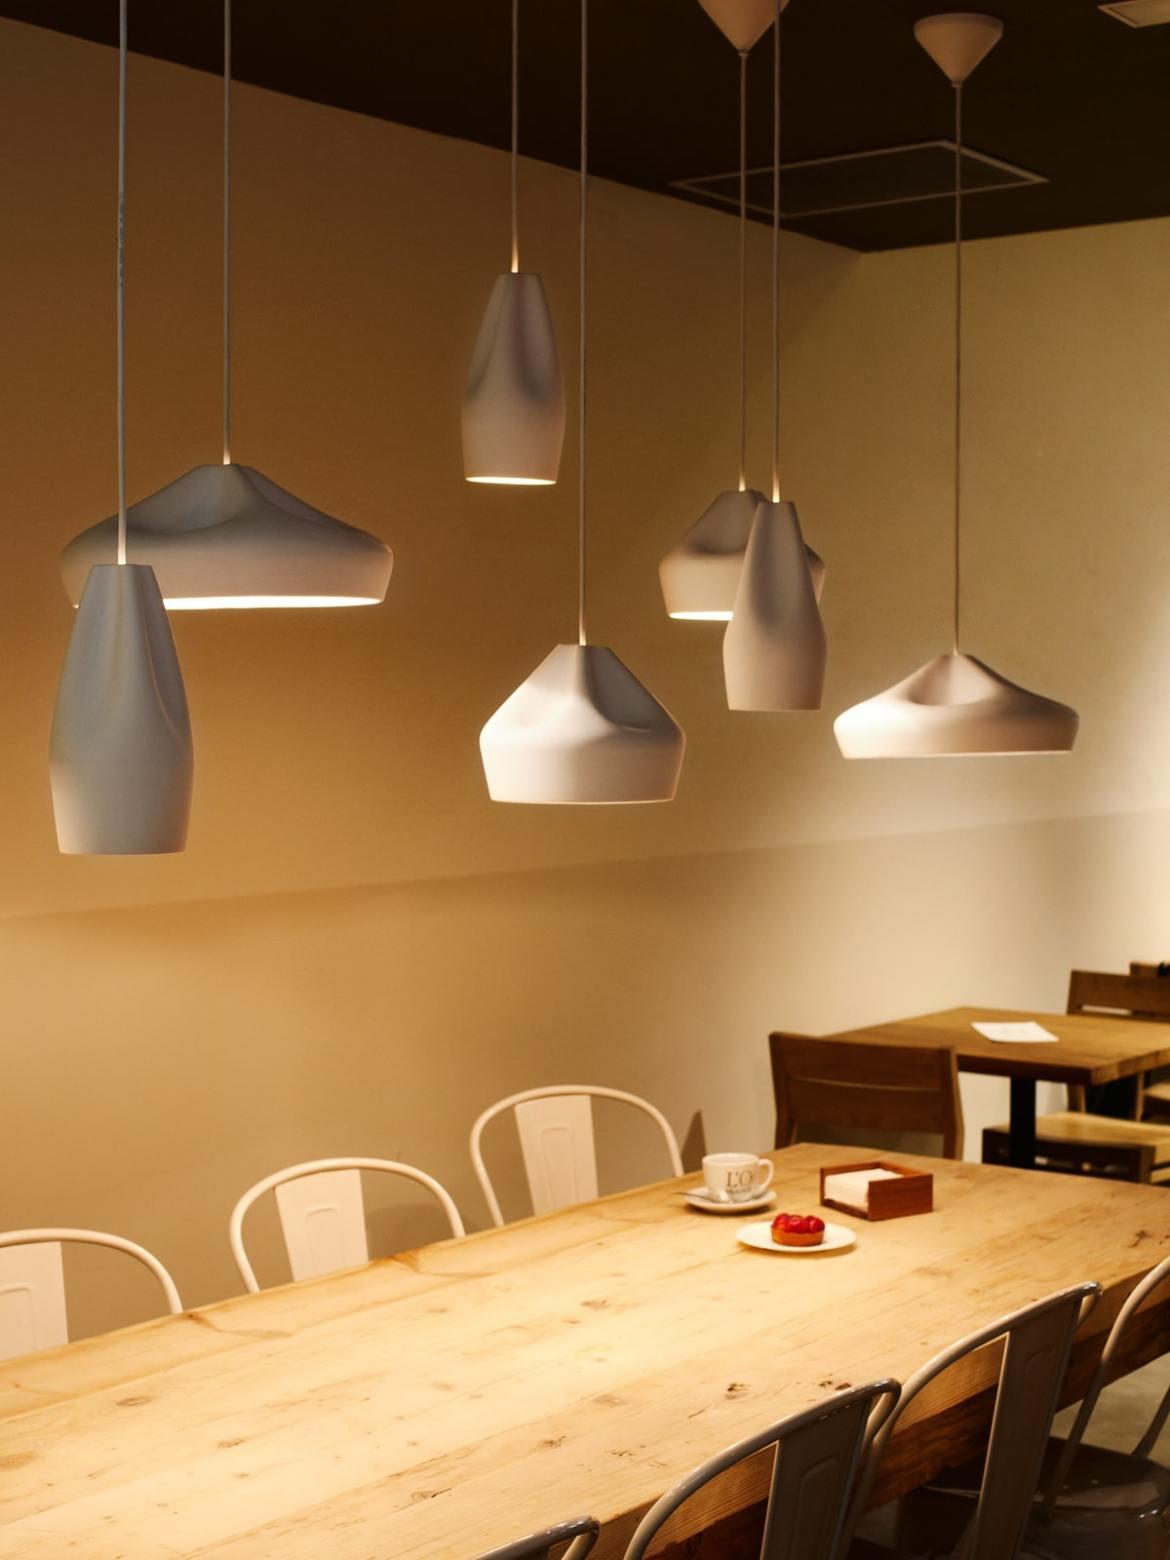 DesignOrt Blog: Pendelleuchten aus Keramik Alle Pleat Box LED Modelle über Tisch